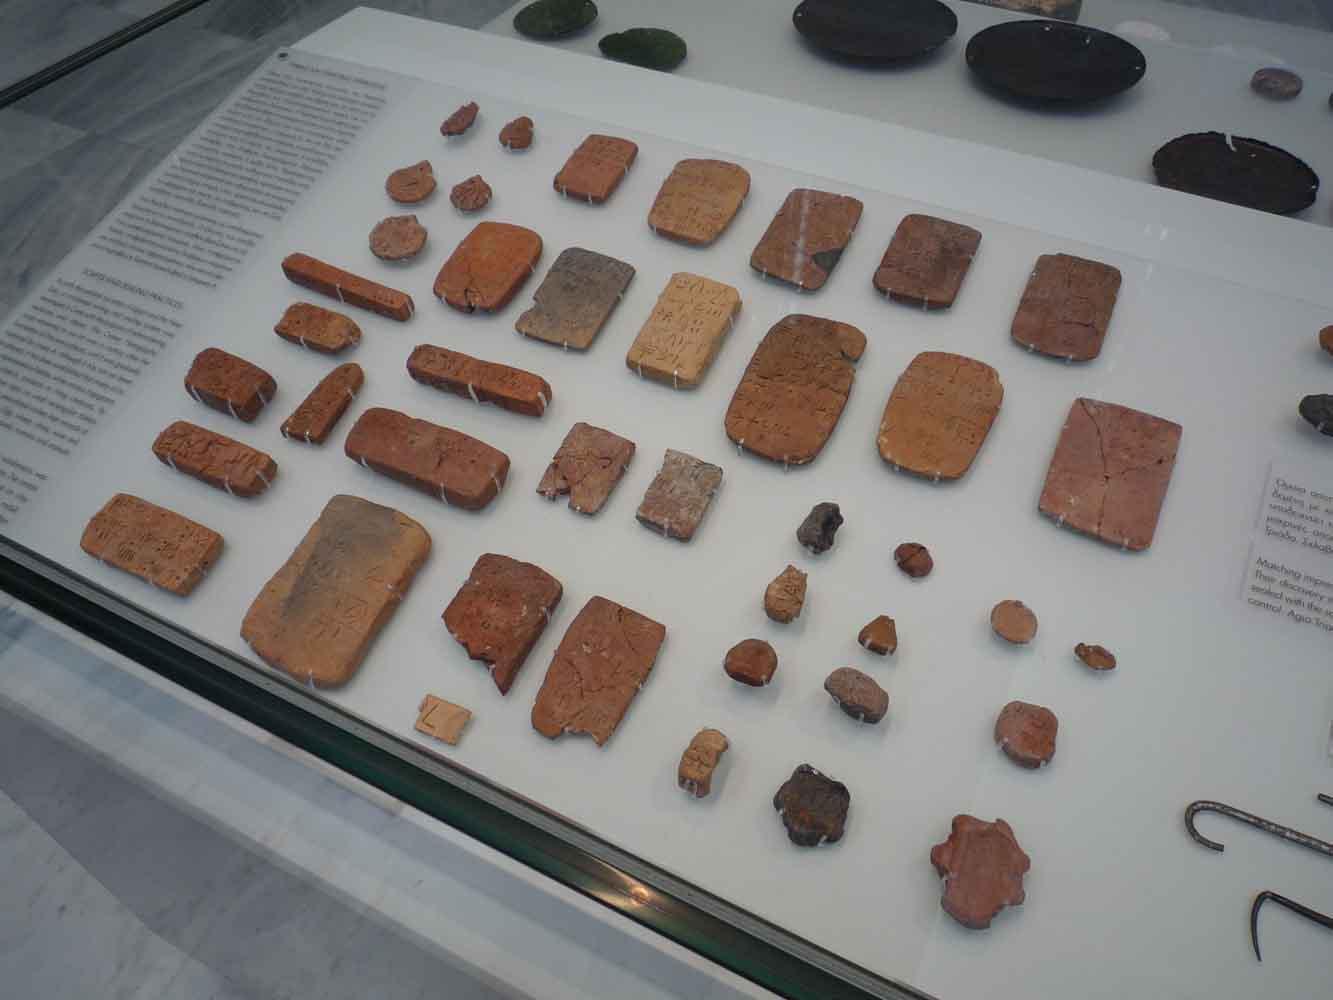 Des tablettes écrites dans une langue qui reste à déchiffrer